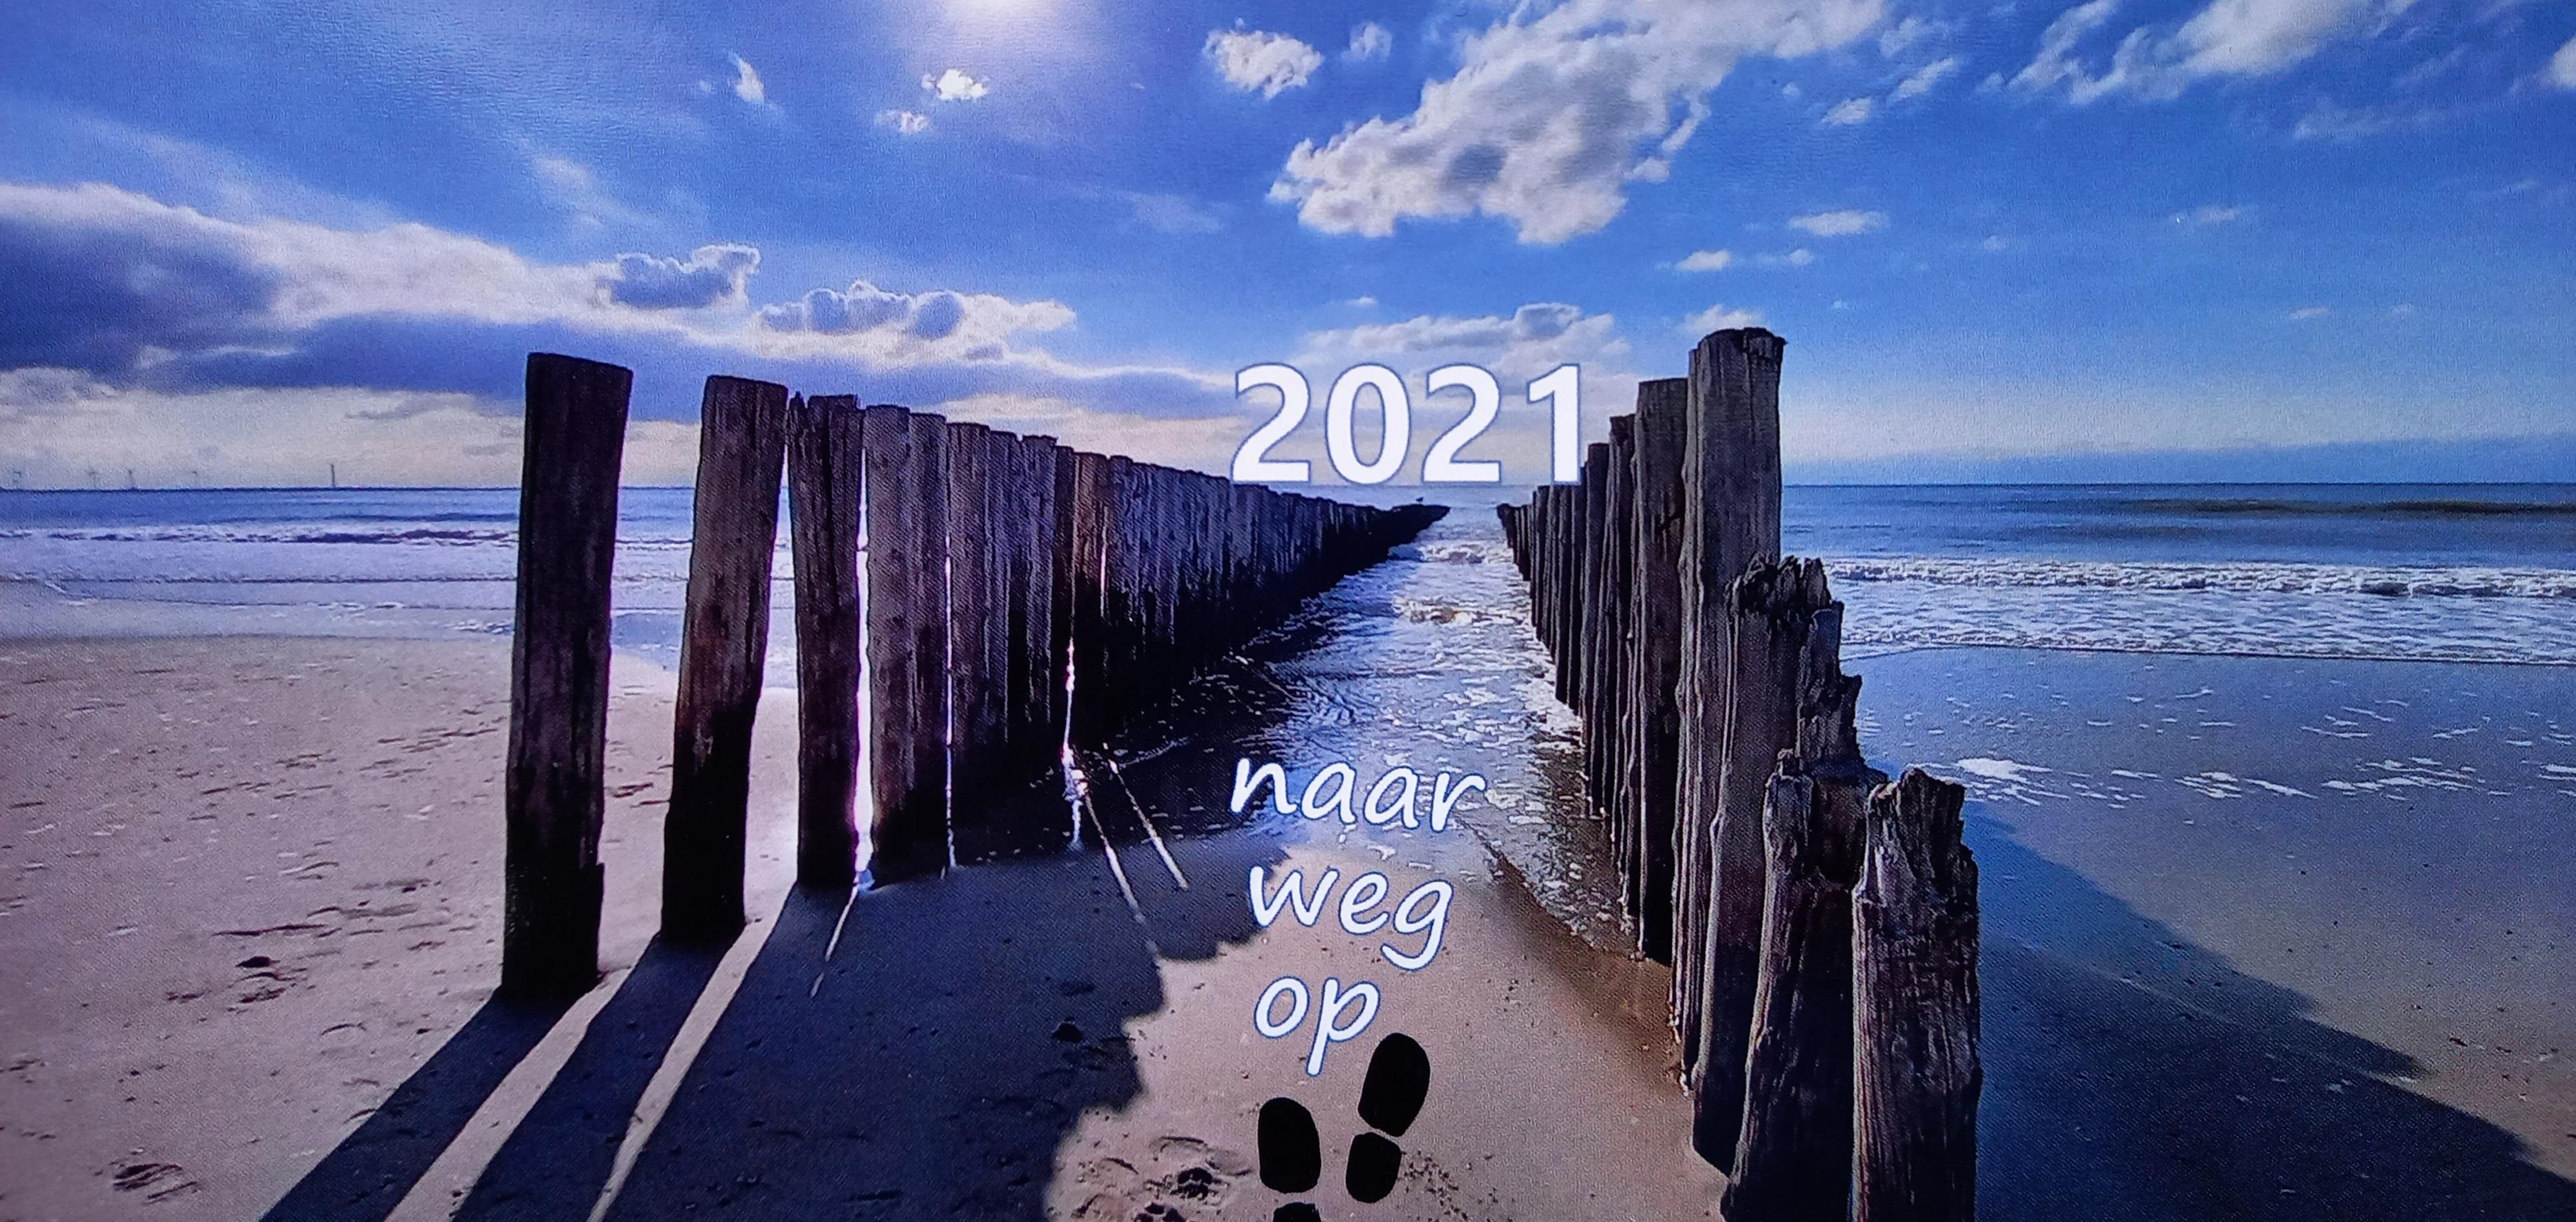 Op weg naar 2021